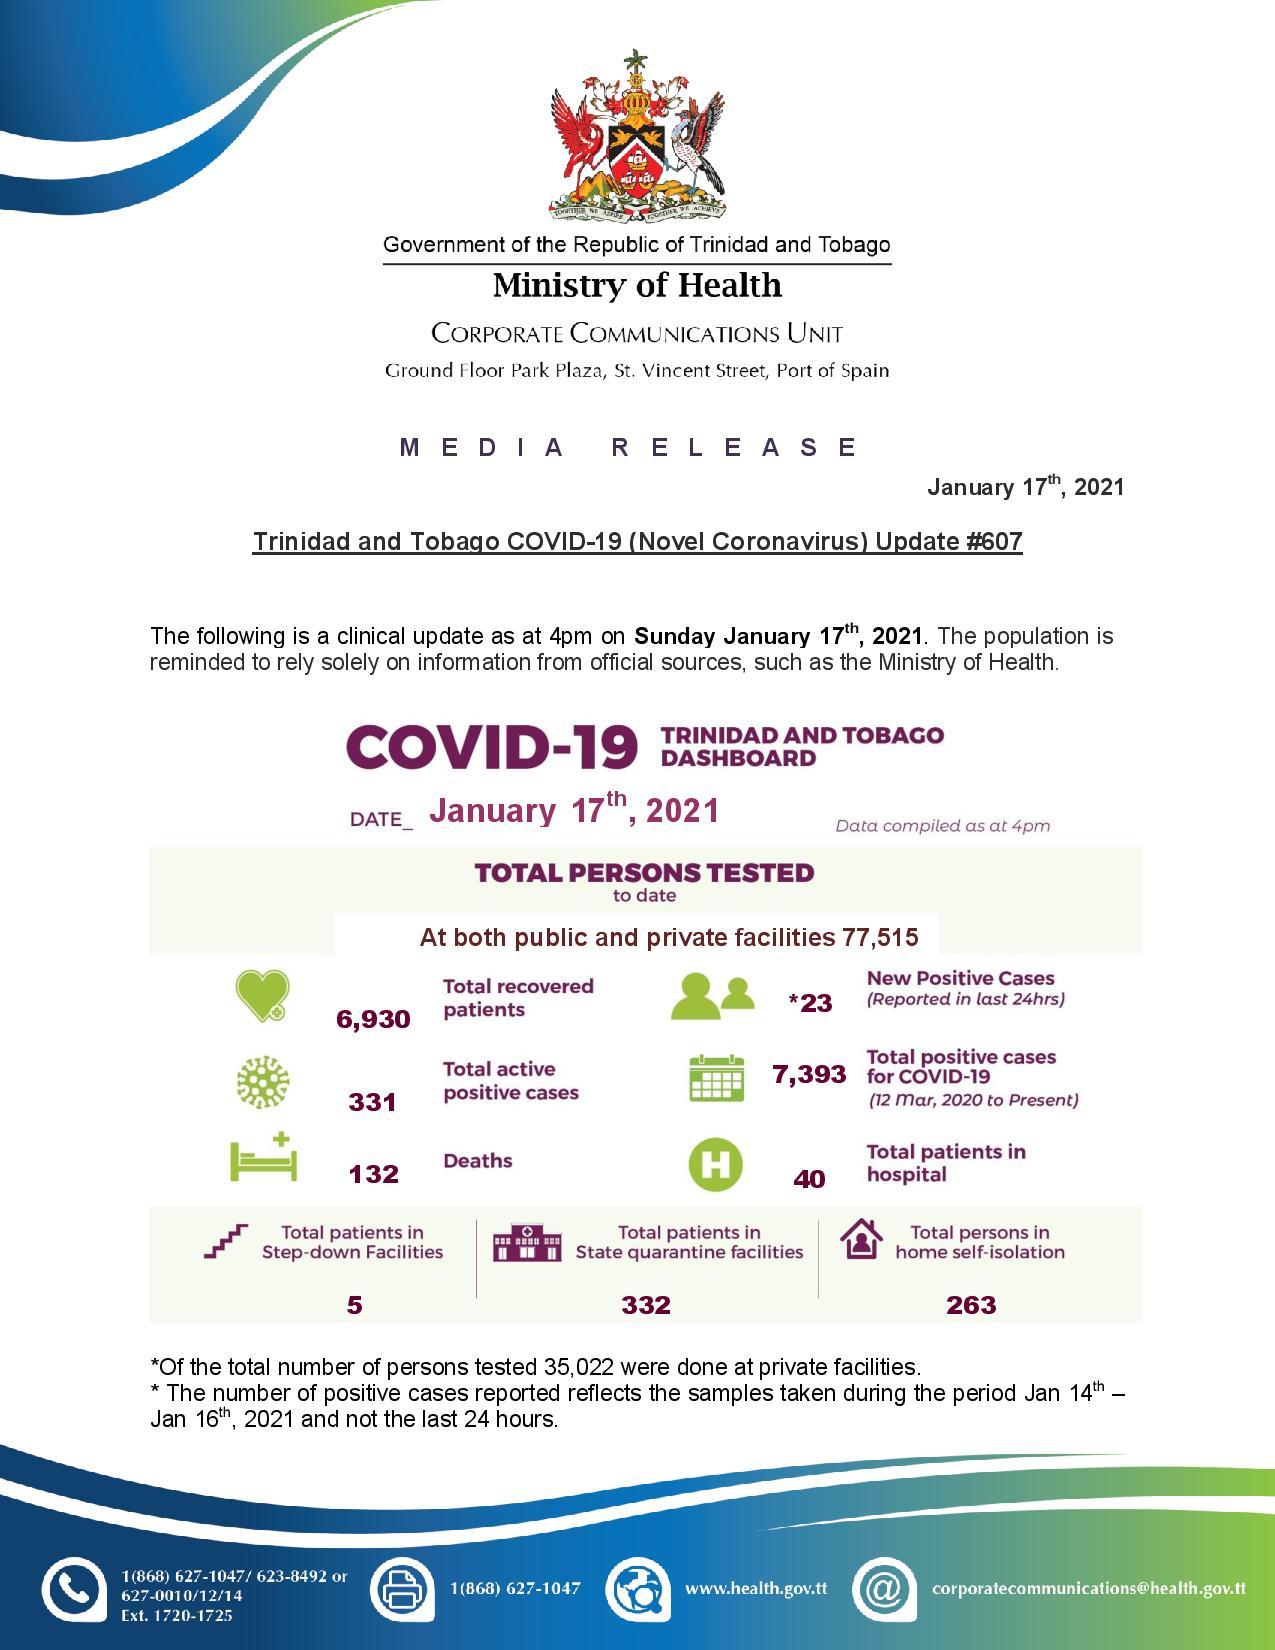 COVID-19 UPDATE - #607